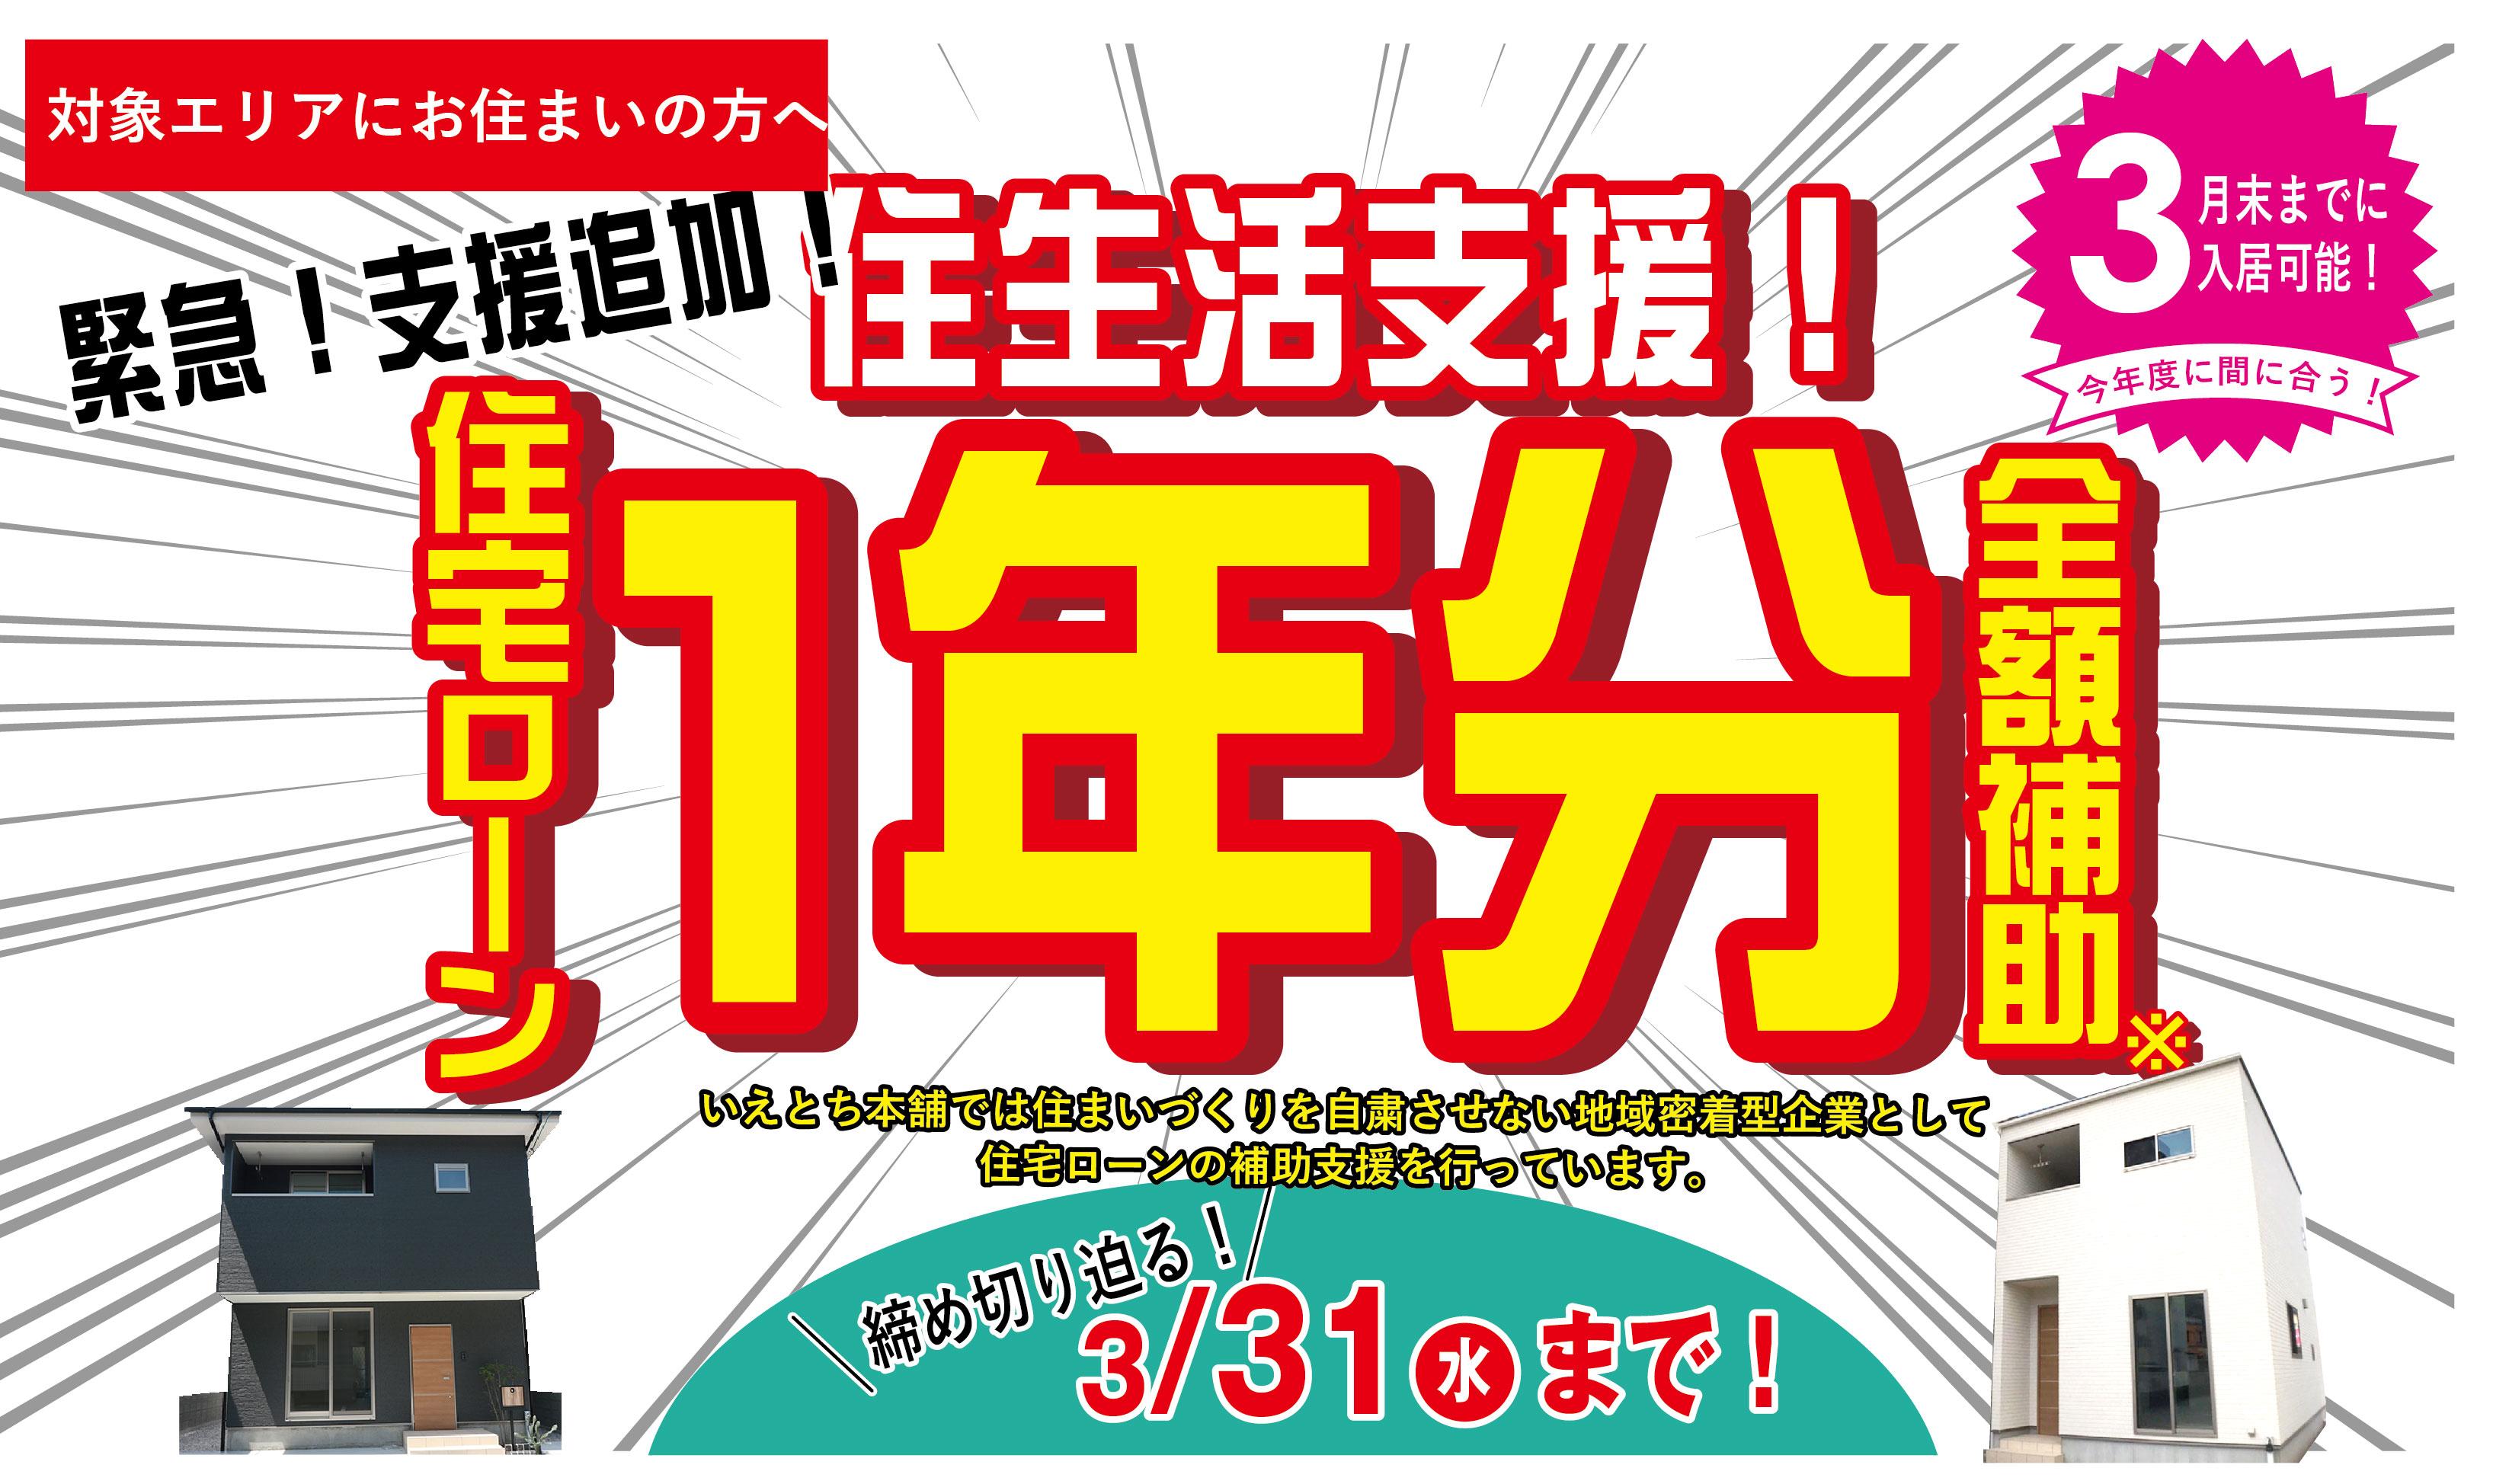 【徳島いえとち本舗】緊急!支援追加!住生活支援!住宅ローン1年分全額補助